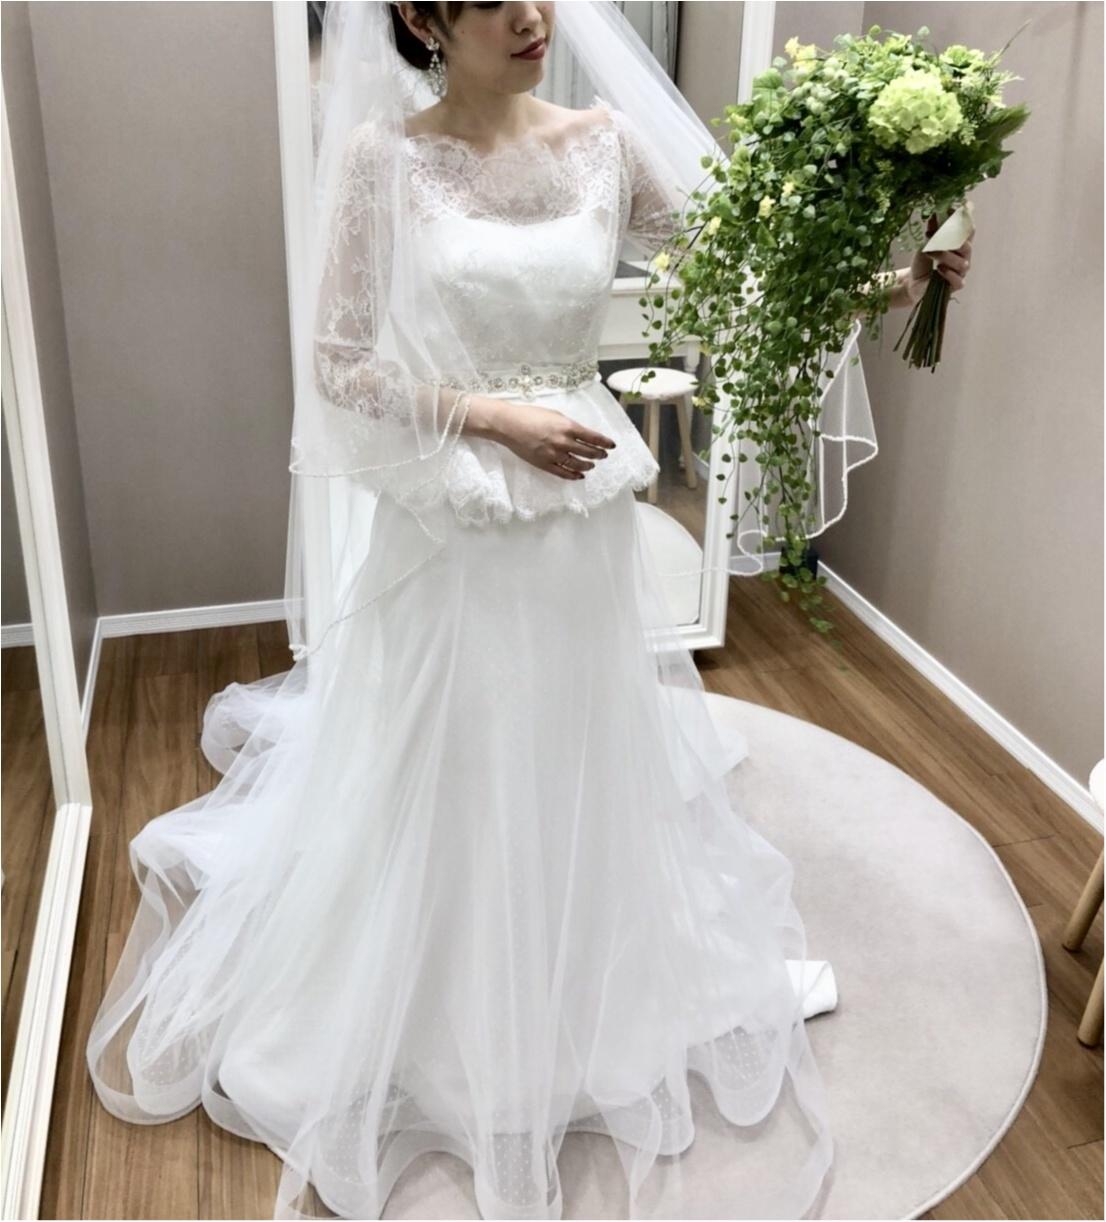 卒花さんに聞く【ドレス特集】-  結婚式・二次会におすすめ! プレ花嫁さんに人気のおしゃれなウェディングドレスは?_42